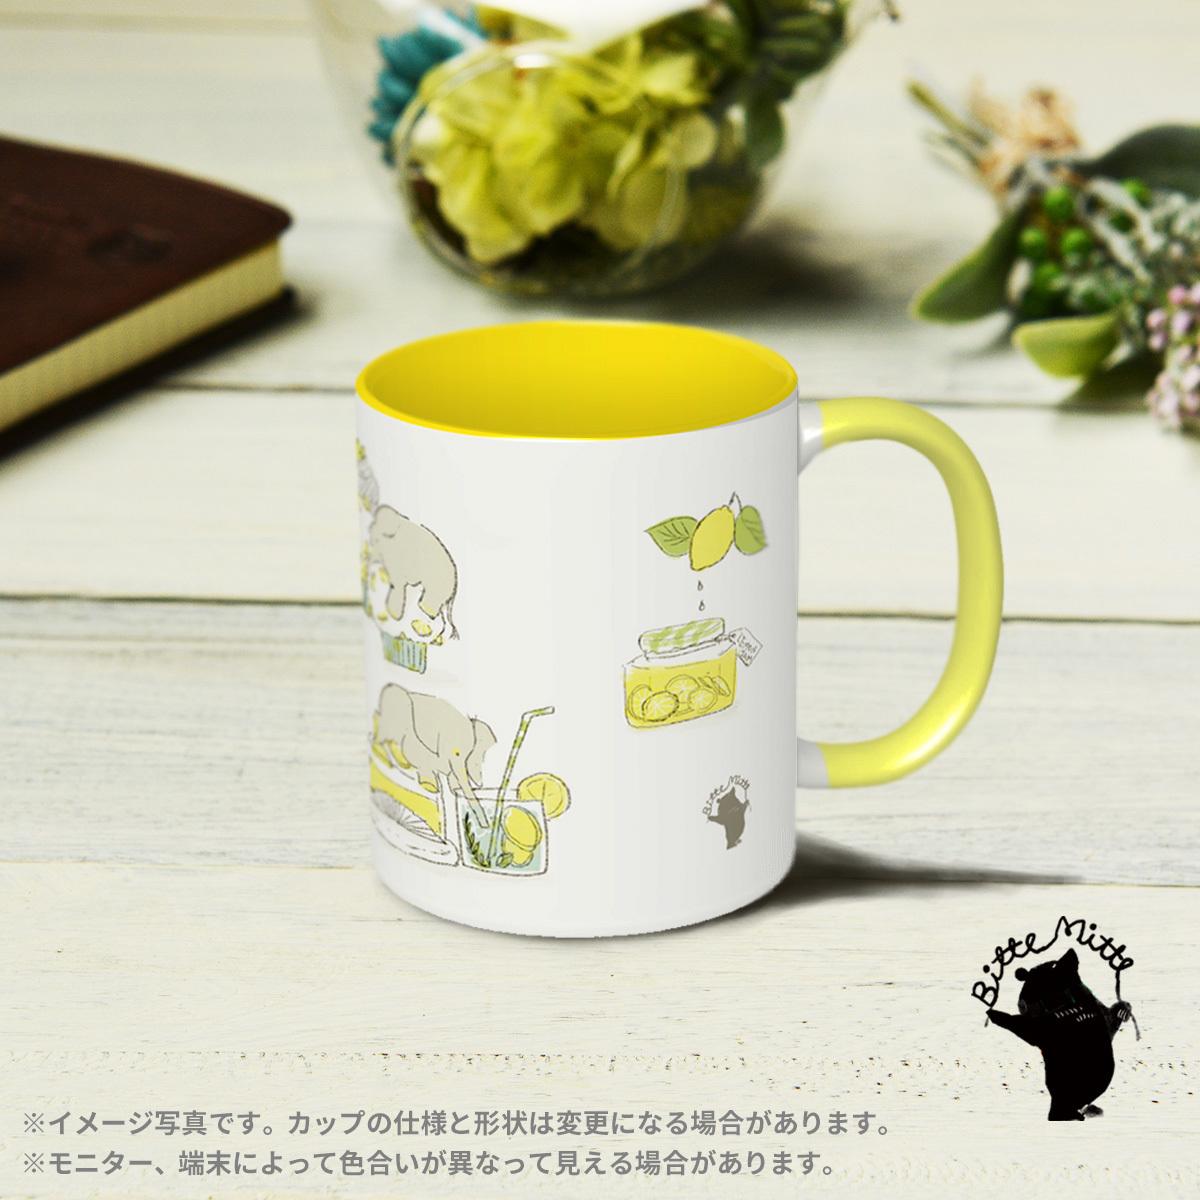 マグカップ かわいい おしゃれ マグカップ デザイン かわいい マグカップ おしゃれ ブランド 女性 北欧 内側 色 動物 象 ゾウとレモン/Bitte Mitte!